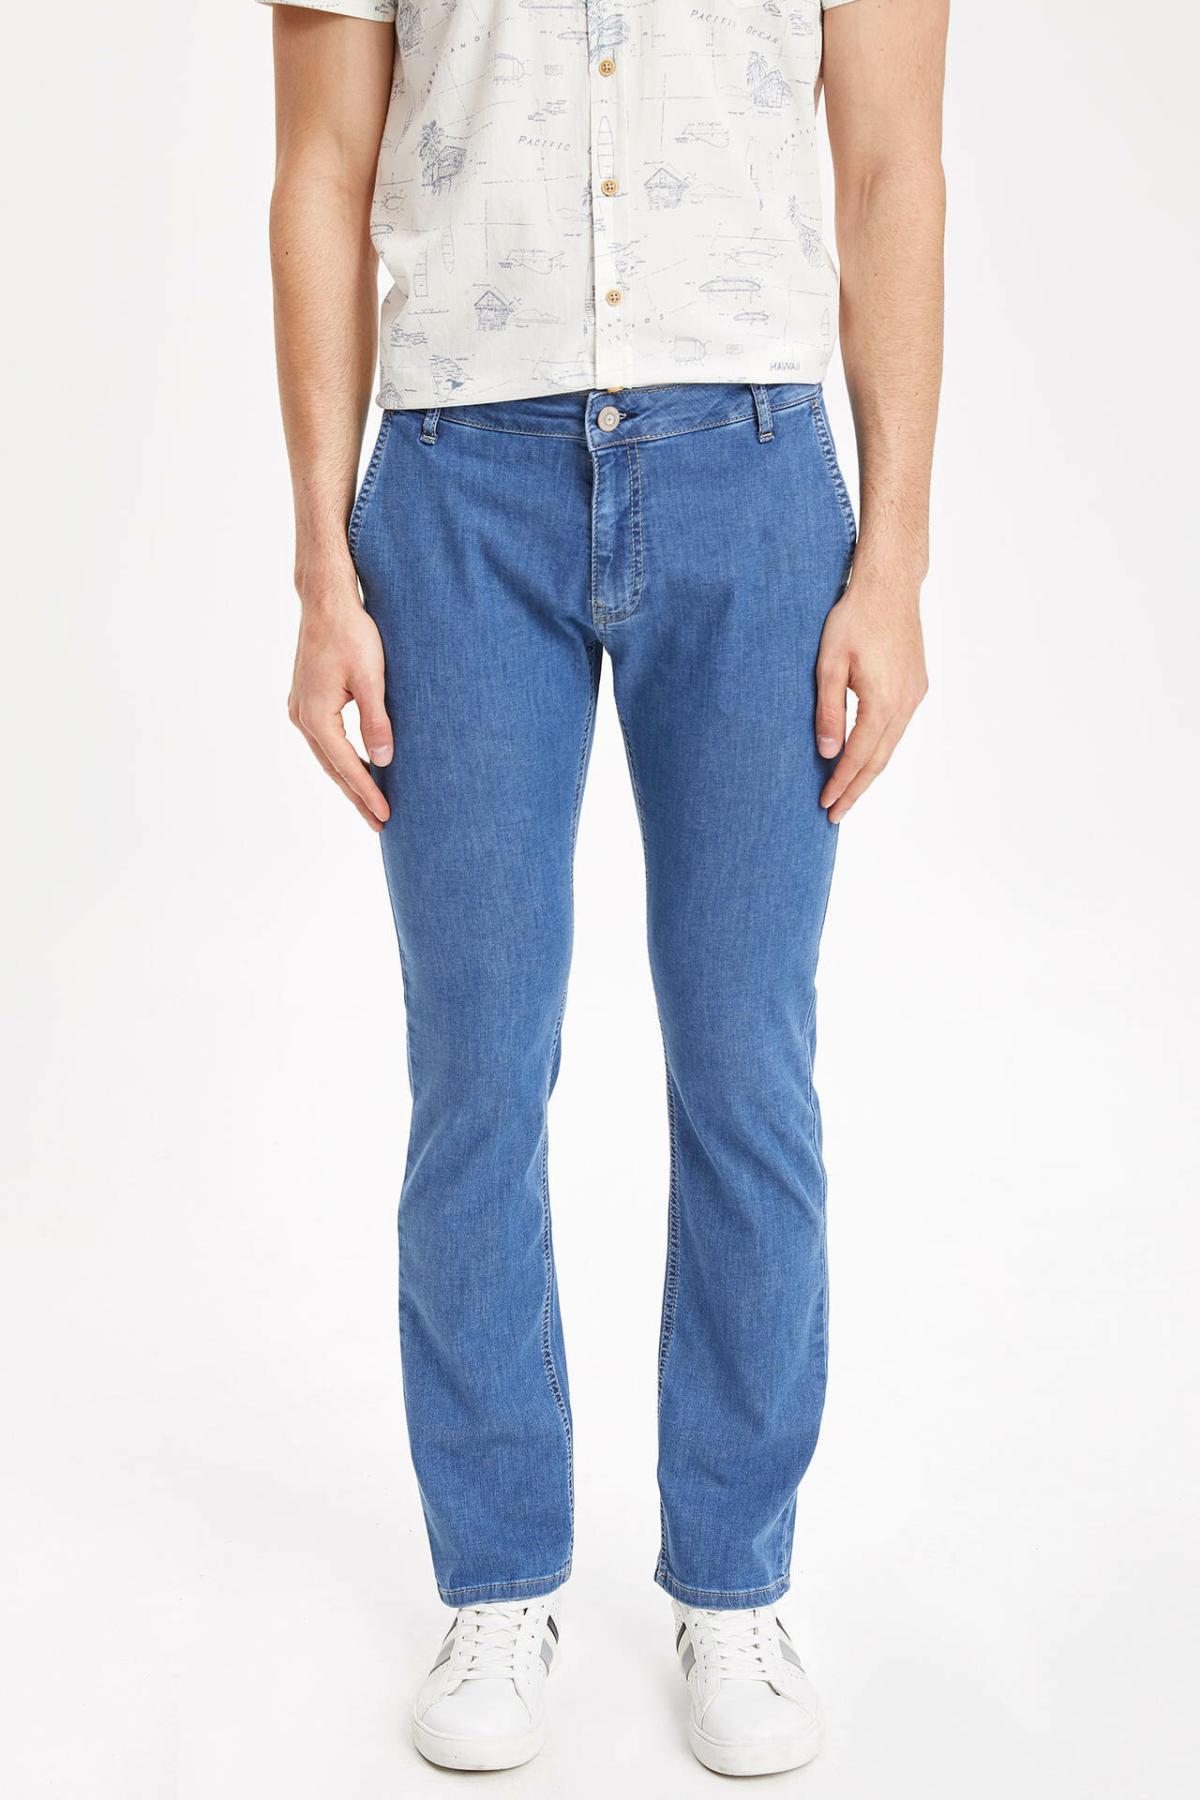 DeFacto Man Trousers-K9196AZ19SM